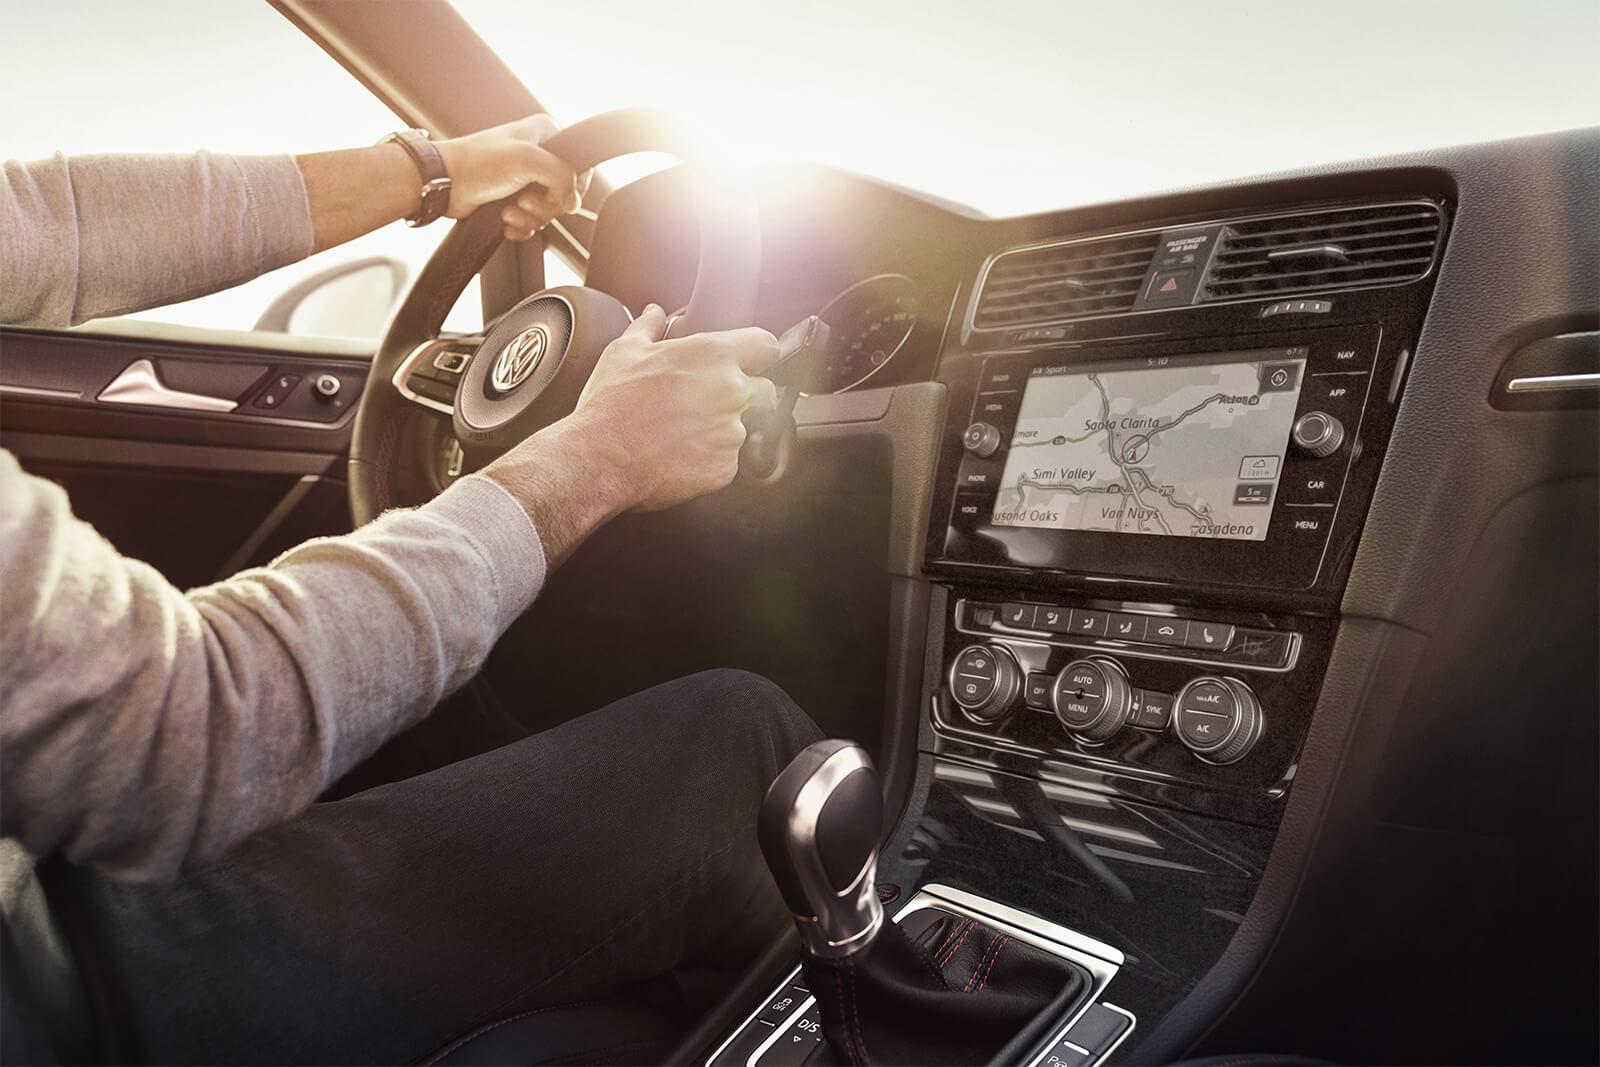 2019 Volkswagen Golf Gti S Larry Roesch Volkswagen Bensenville Il